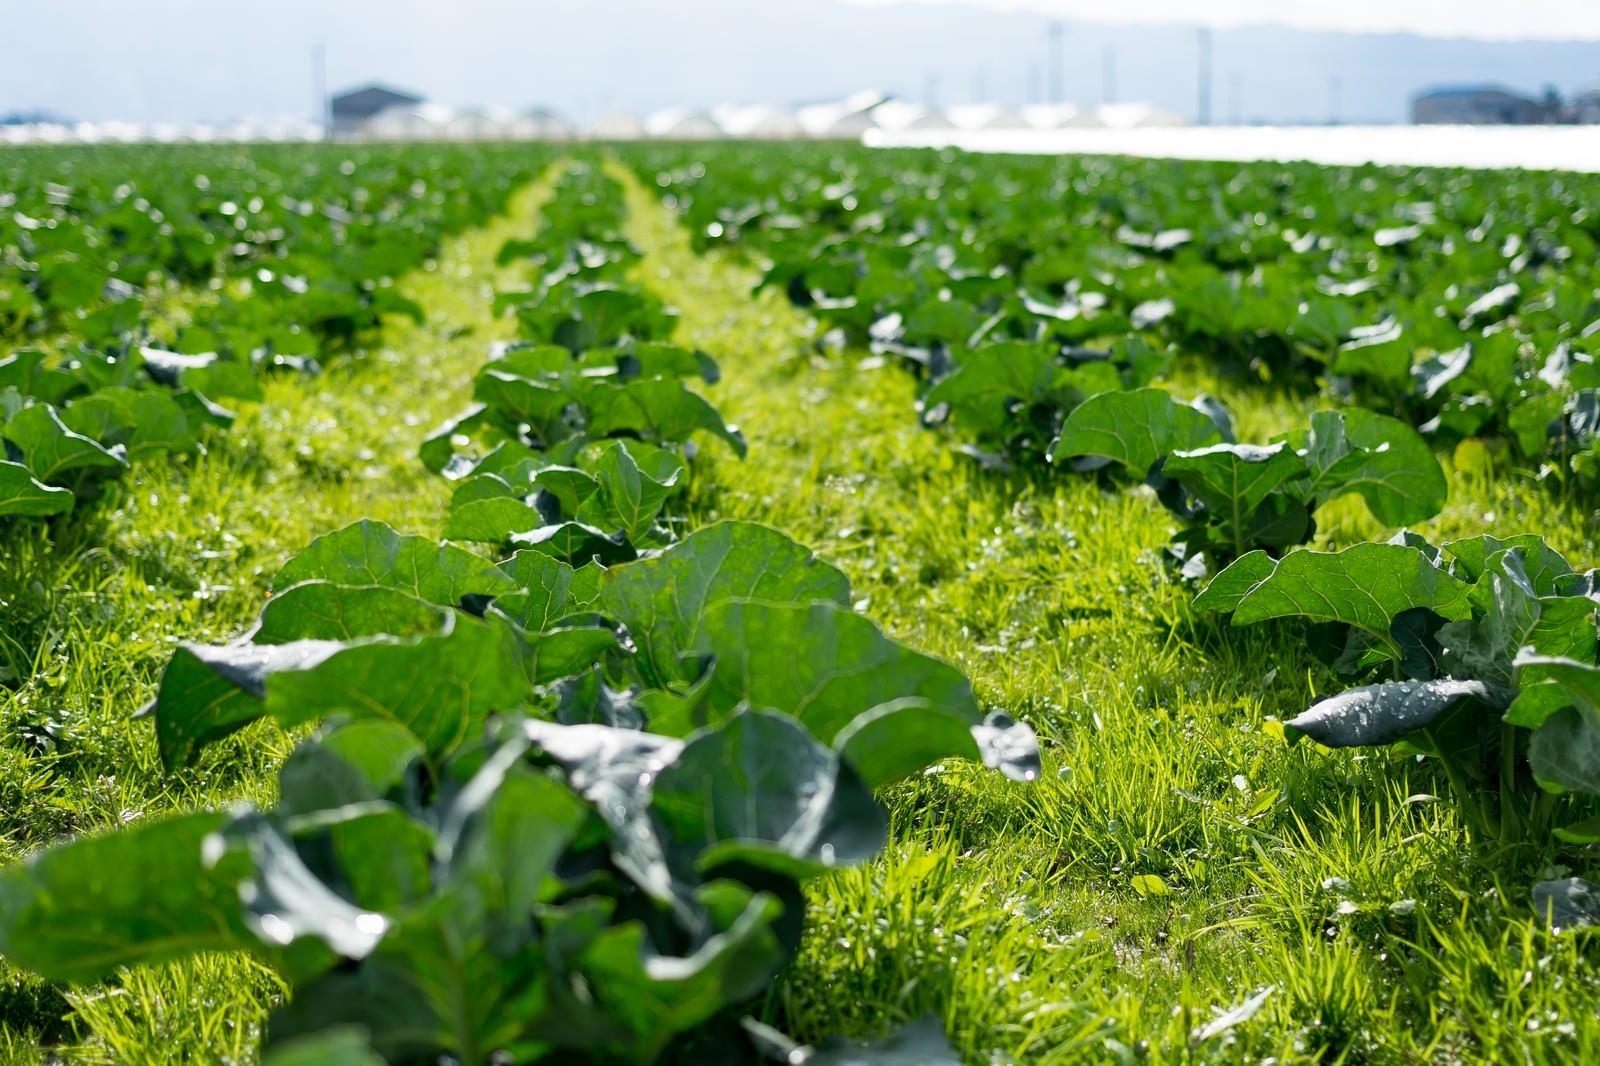 「福岡県大刀洗の緑の畑」の写真